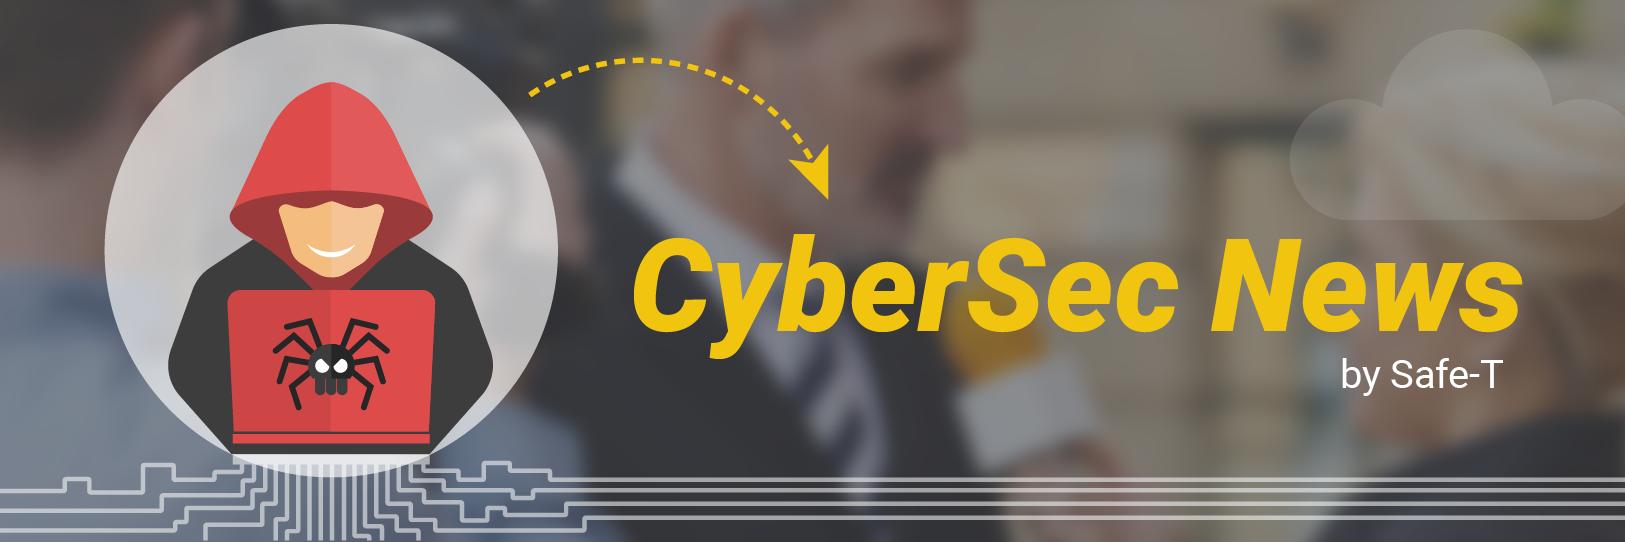 CyberSec News - November 2016